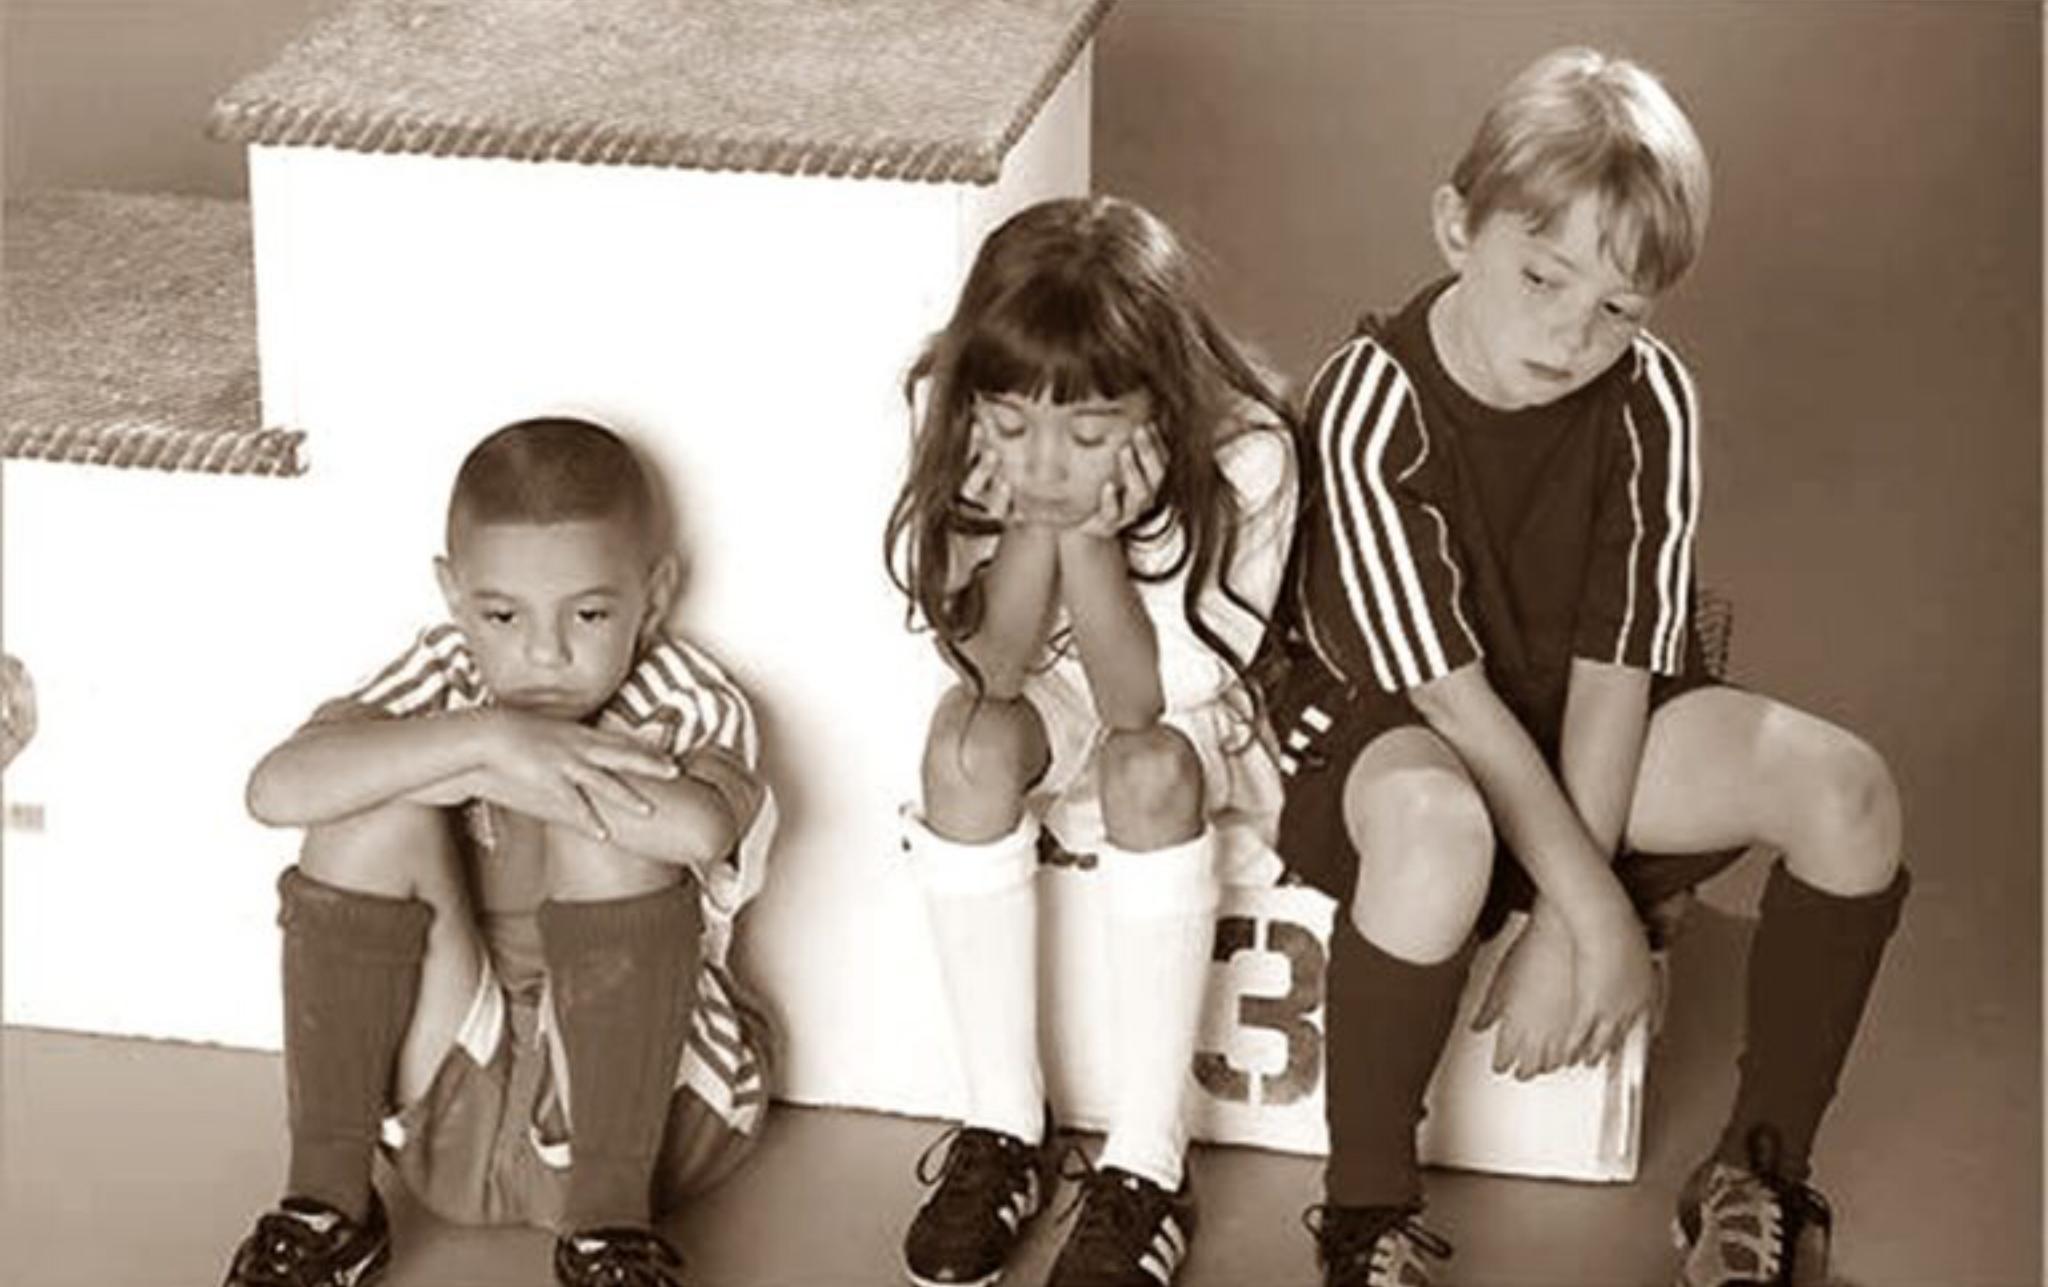 «Θέλουμε, λέμε, την ευτυχία των παιδιών μας. Μήπως εννοούμε την επιτυχία;» του Δημήτρη Τσιριγώτη